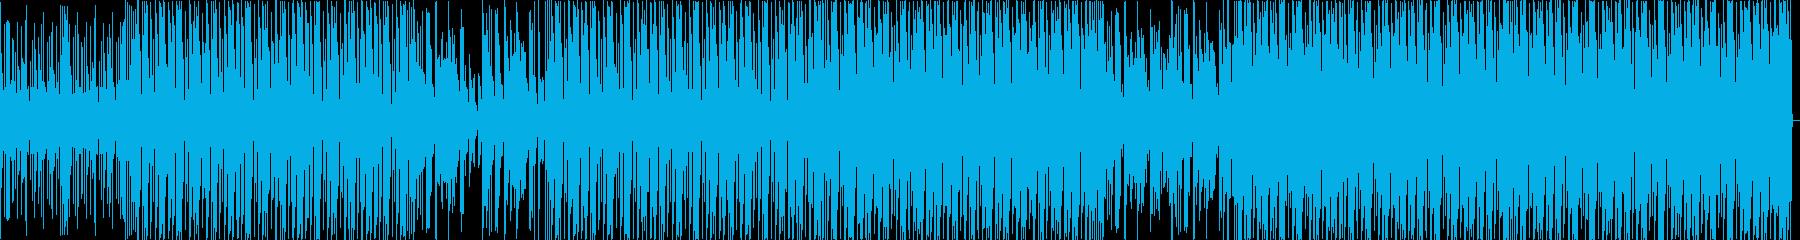 ファンキーなブレイクビーツトラックの再生済みの波形